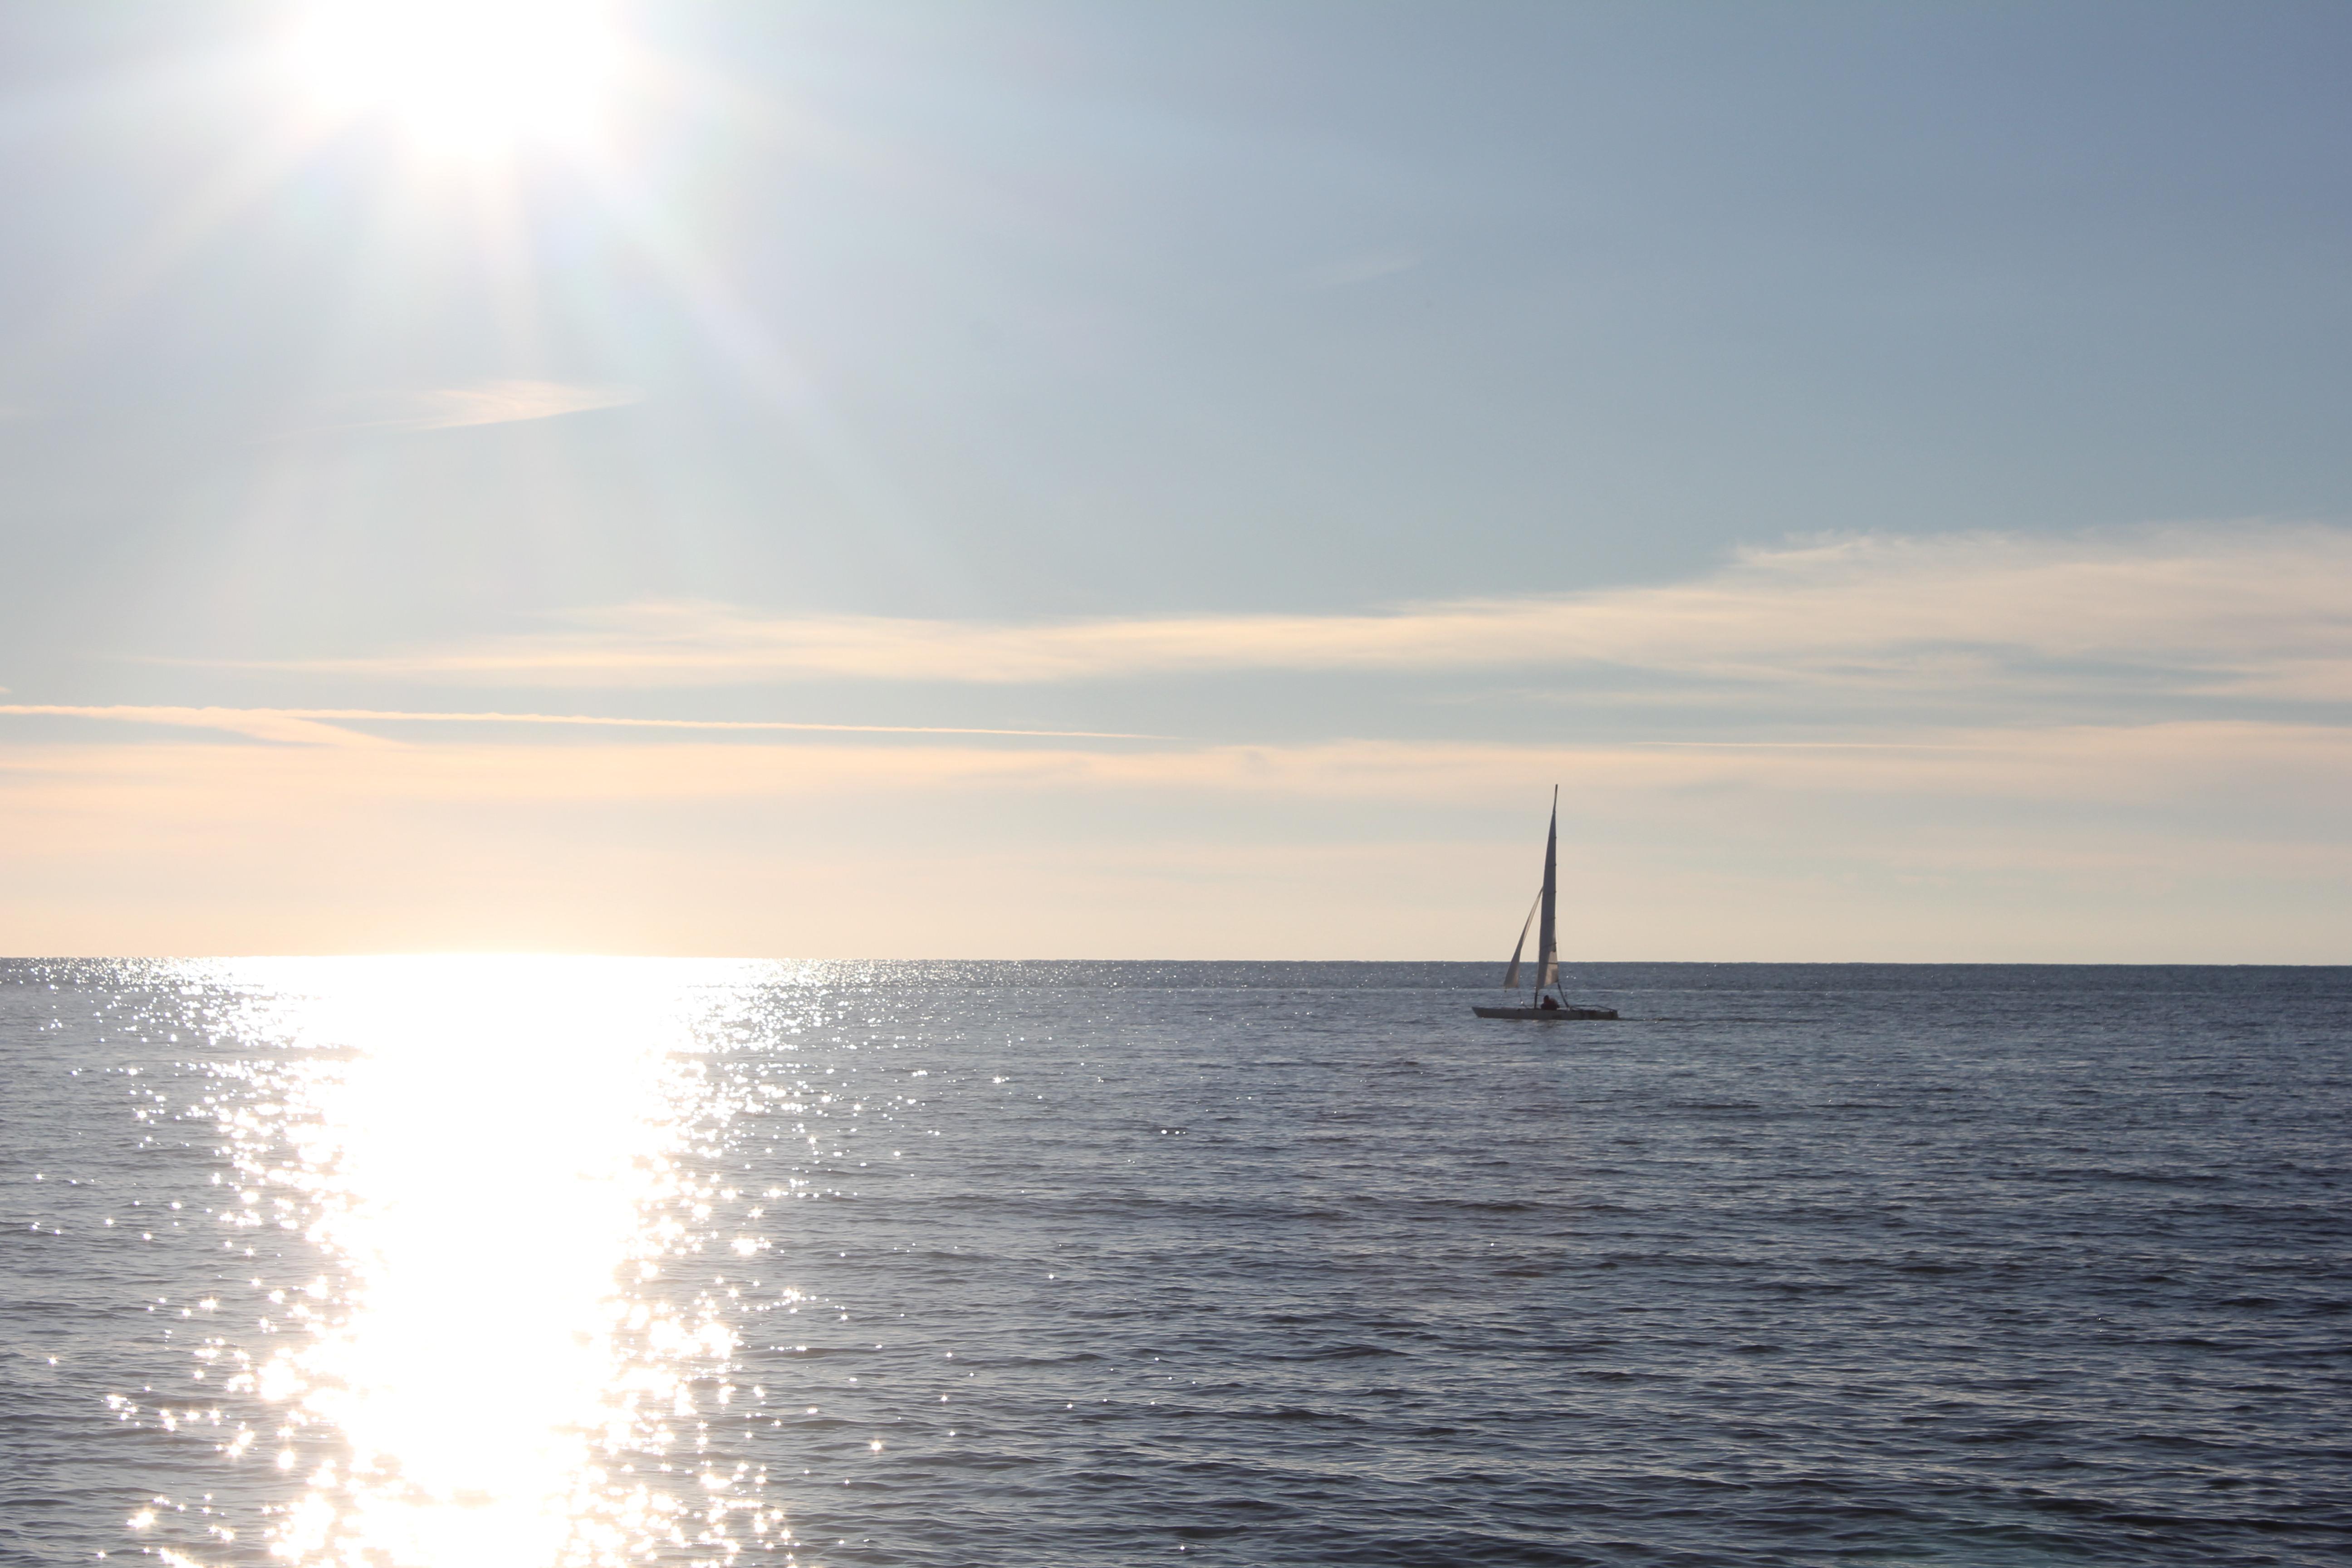 Seaside sunbathed